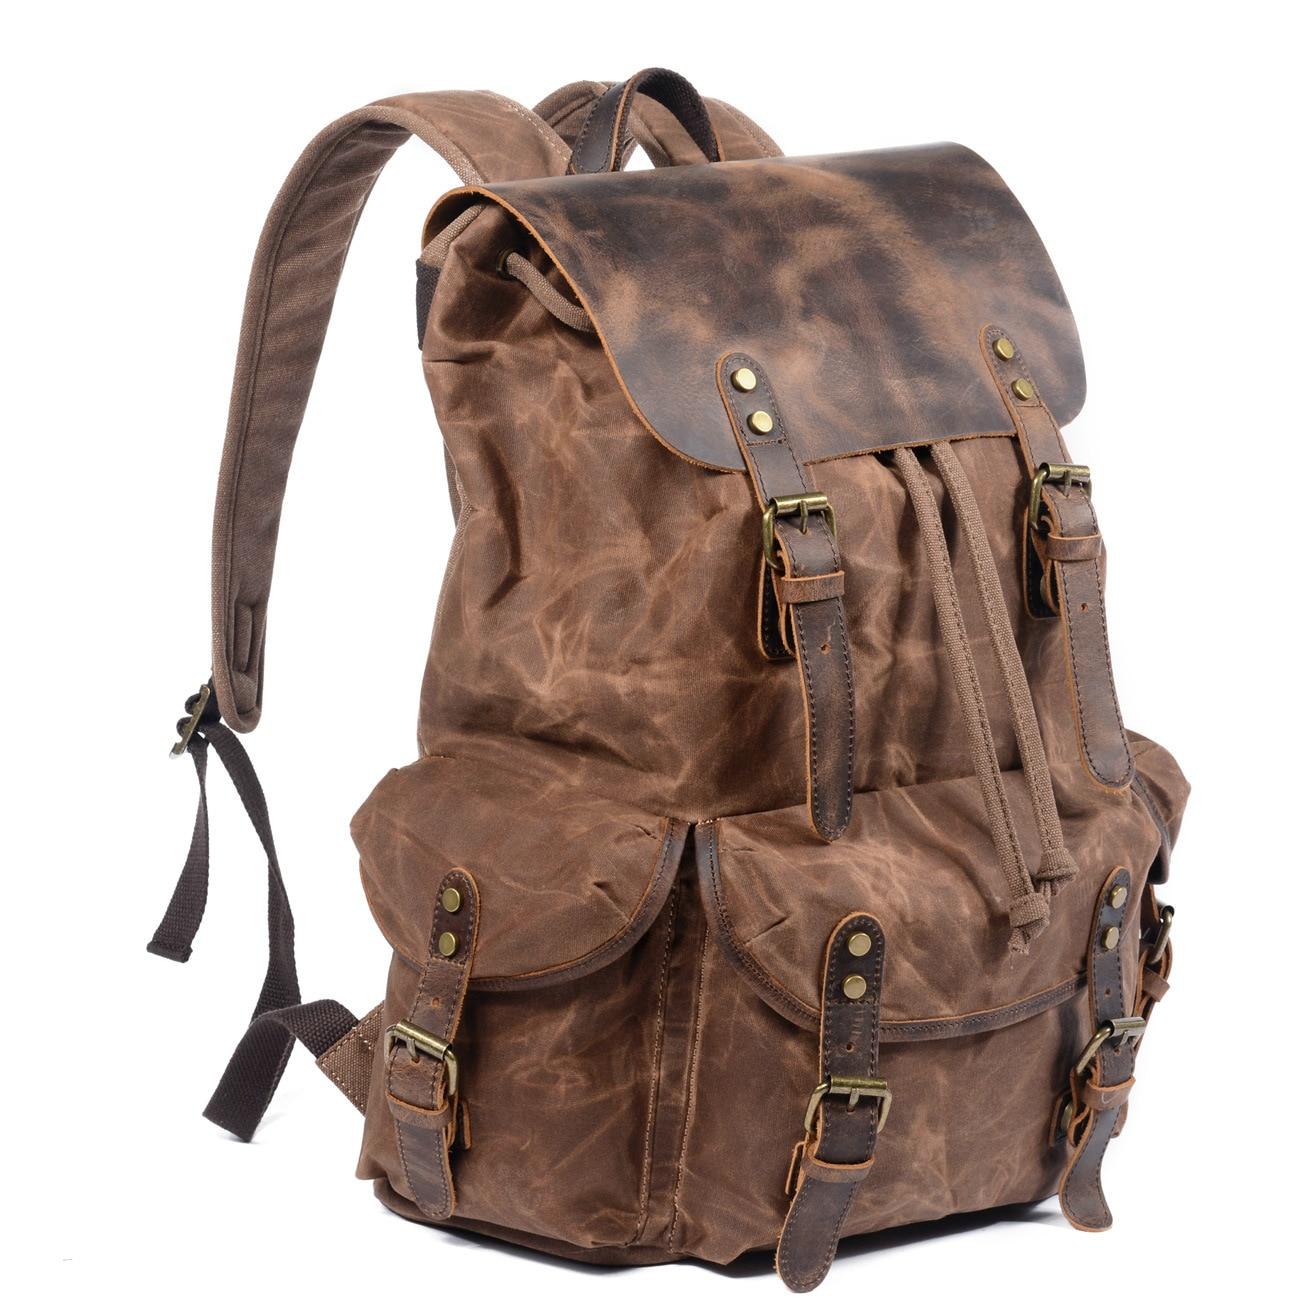 Toile imperméable à l'huile de cire et sac à dos en cuir véritable hommes voyage Vintage sac à dos à cordon grande capacité chaîne pochette d'ordinateur - 2